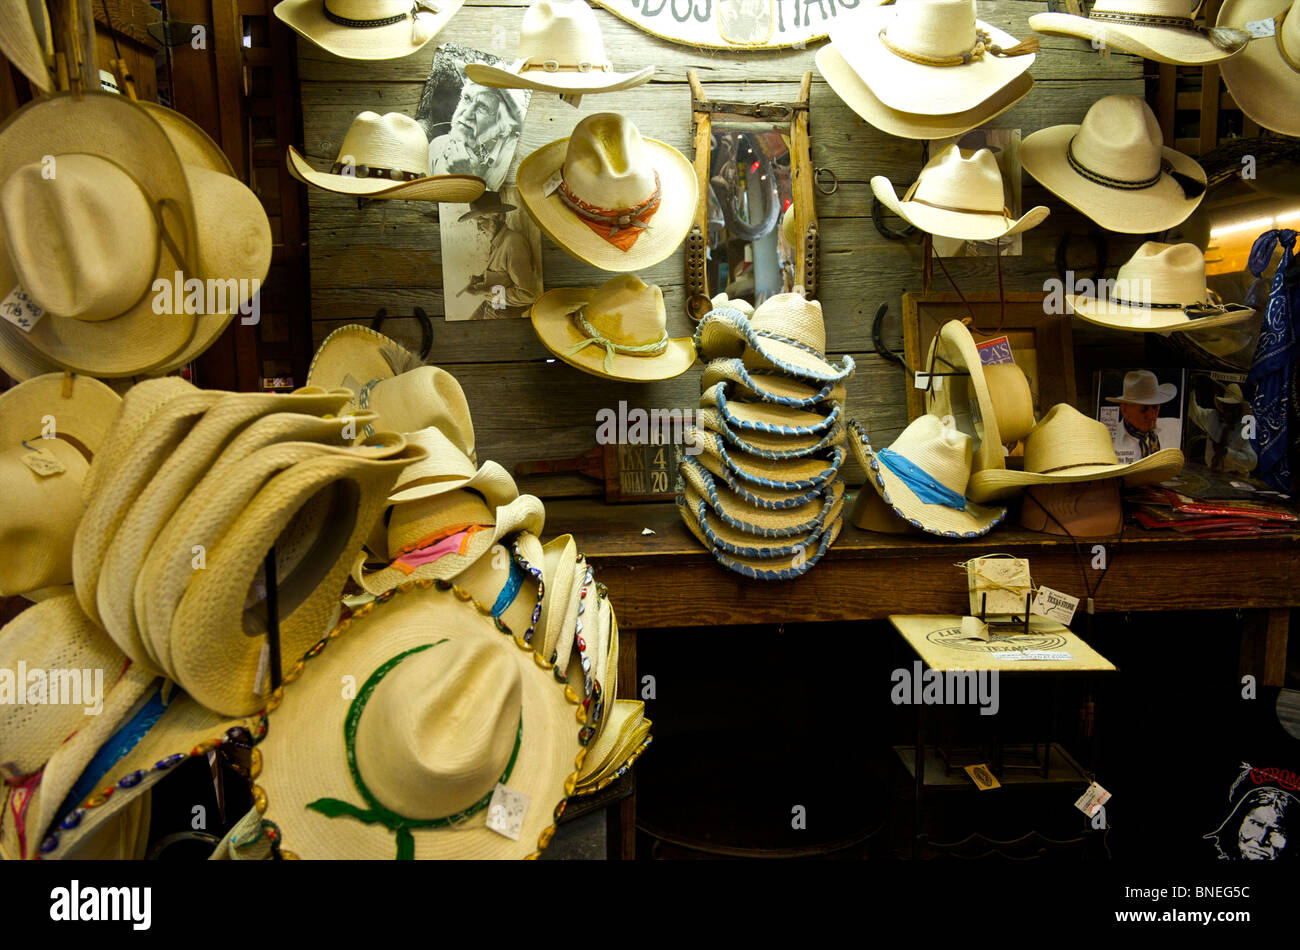 Luckenbach boutique de souvenirs vendant des chapeaux de cow-boy Hill Country, Texas, États-Unis Banque D'Images